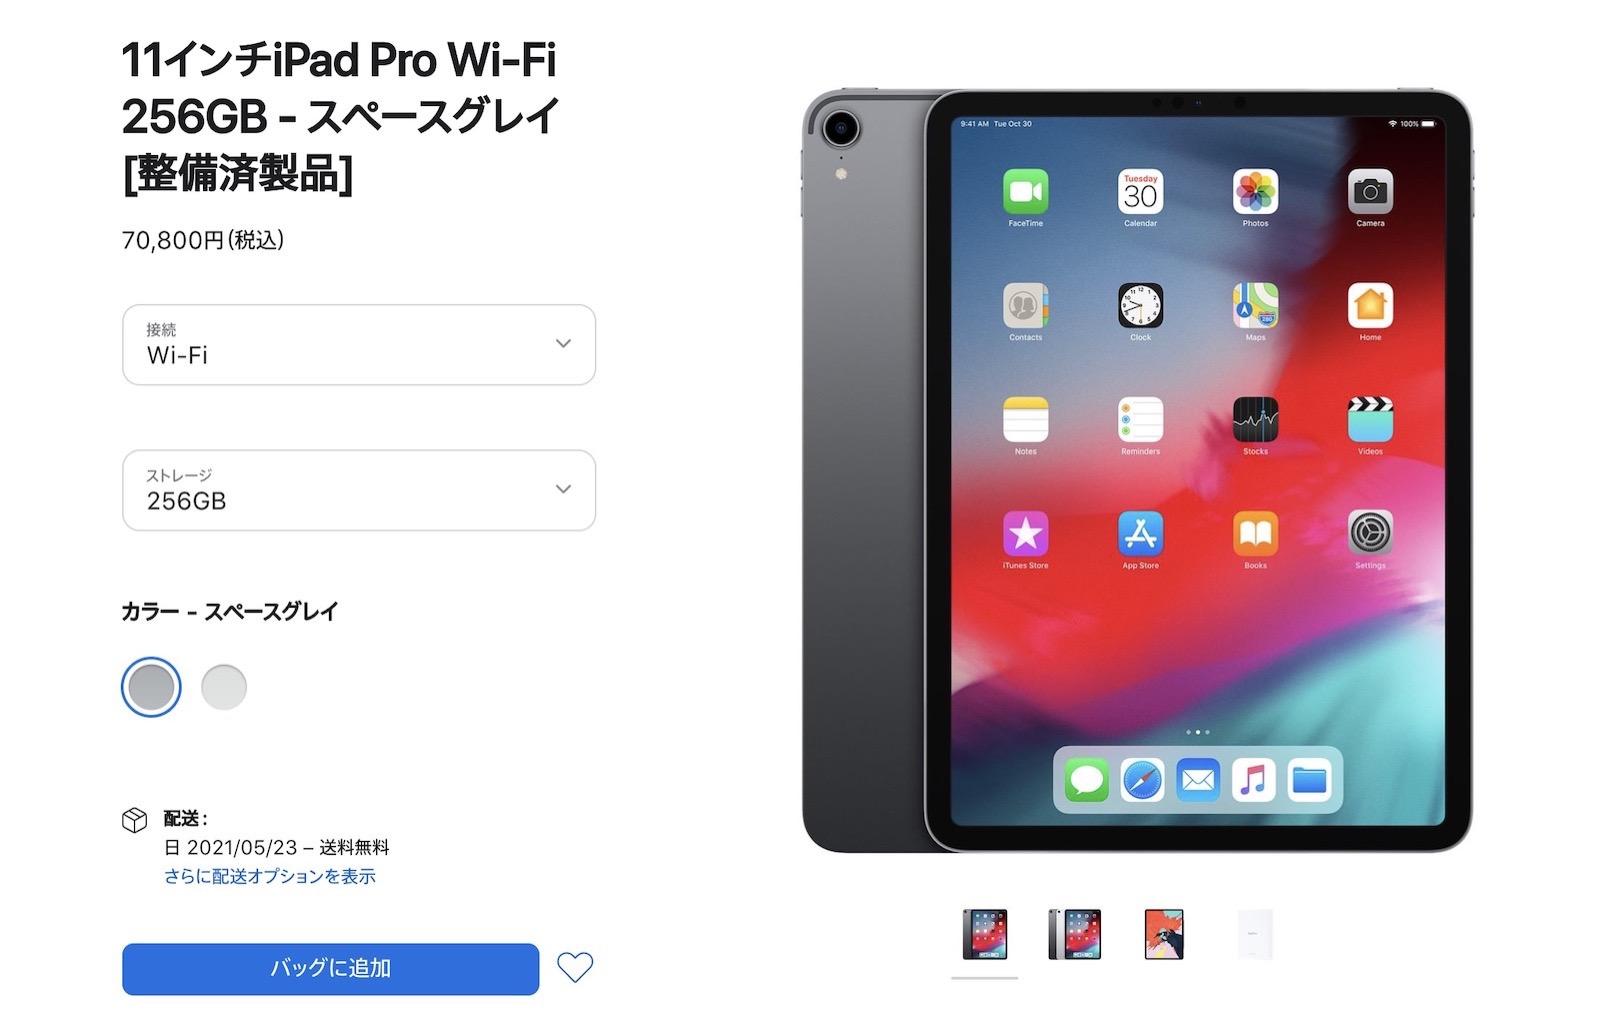 ipad-refurbished-model-20210521.jpg